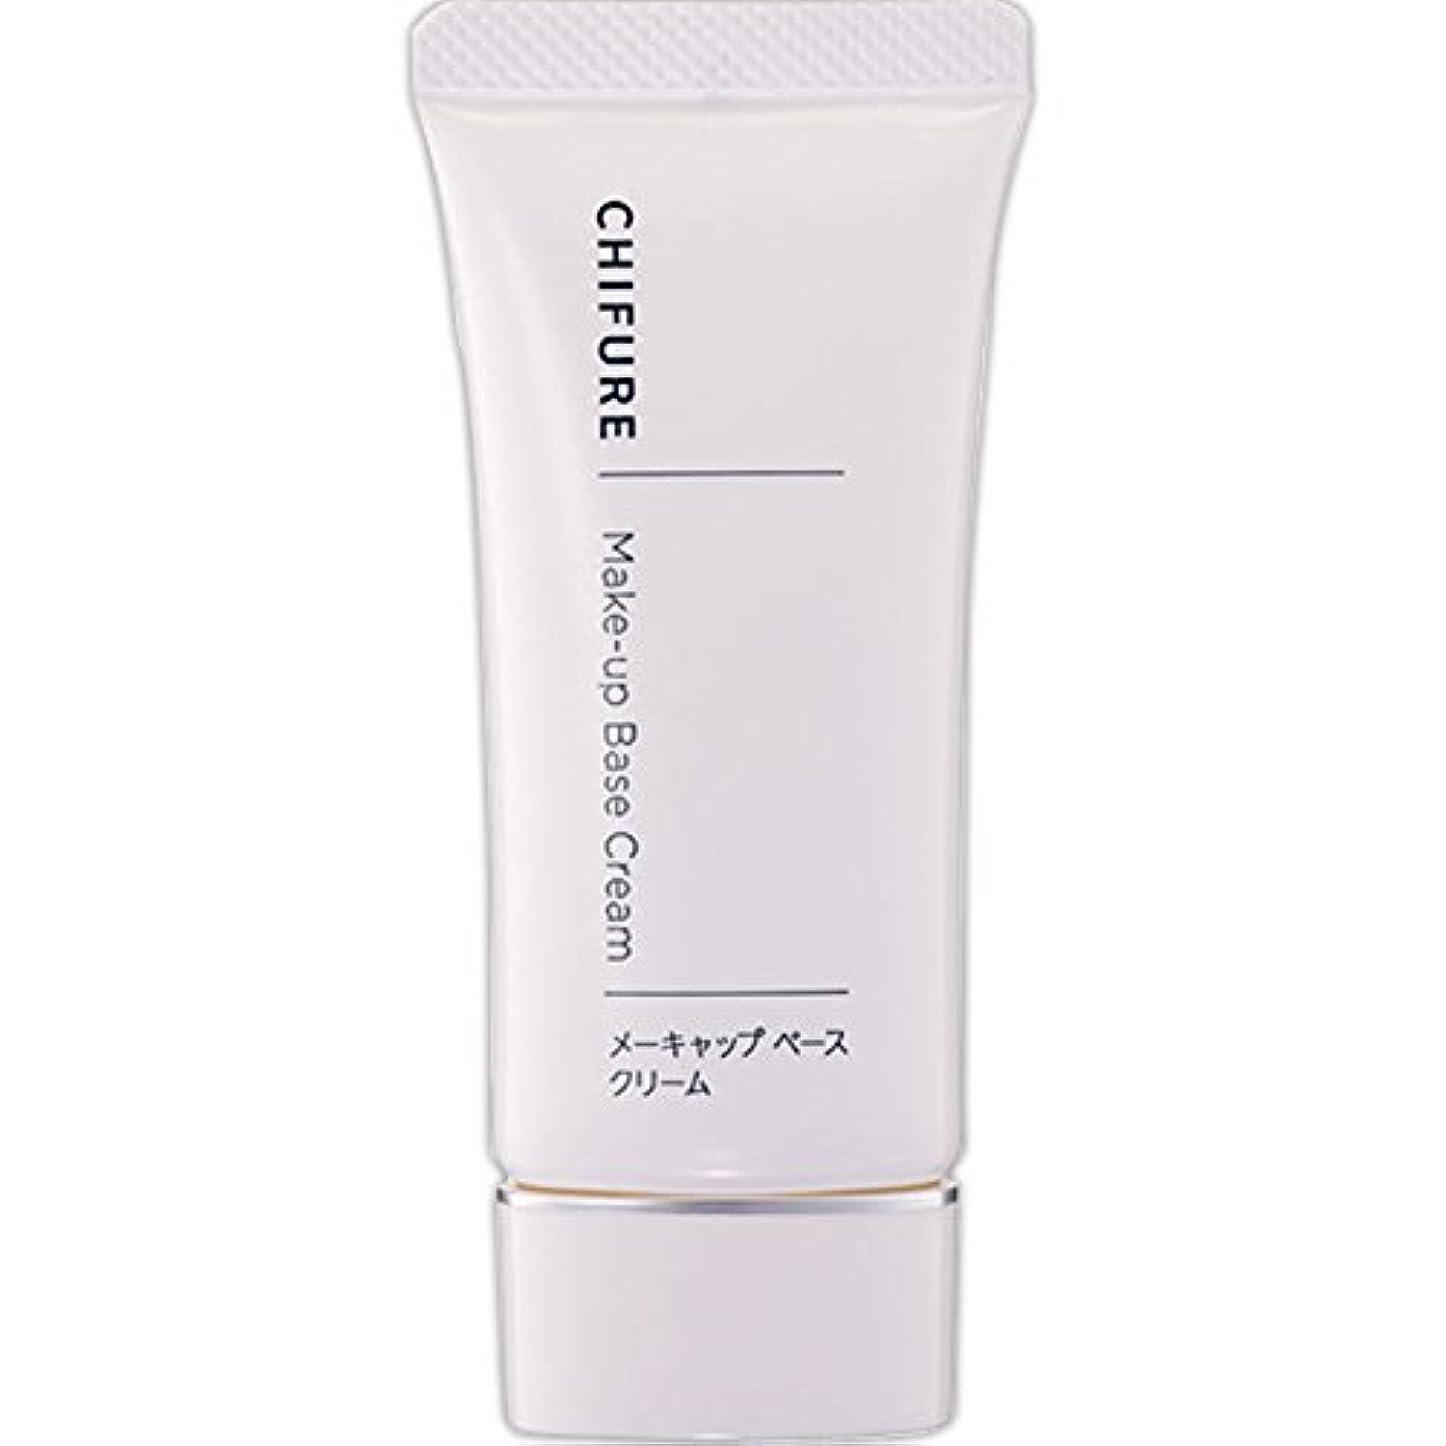 クック日焼け復活させるちふれ化粧品 メーキャップ ベース クリーム 35G